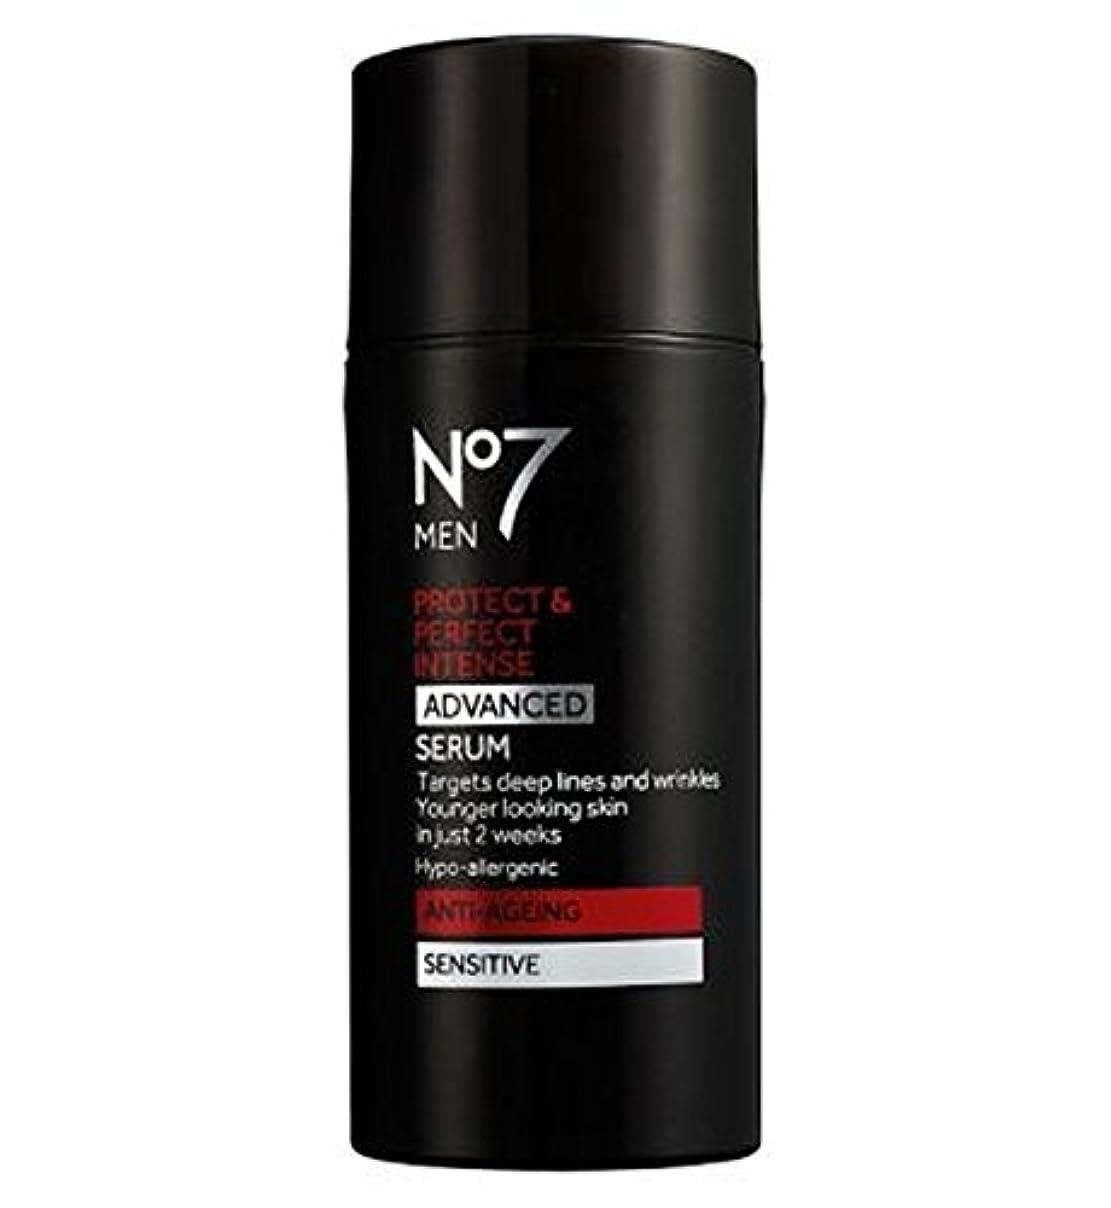 雑品キリスト揃えるNo7の男性は強烈な高度な血清を保護&完璧 (No7) (x2) - No7 Men Protect & Perfect Intense ADVANCED Serum (Pack of 2) [並行輸入品]